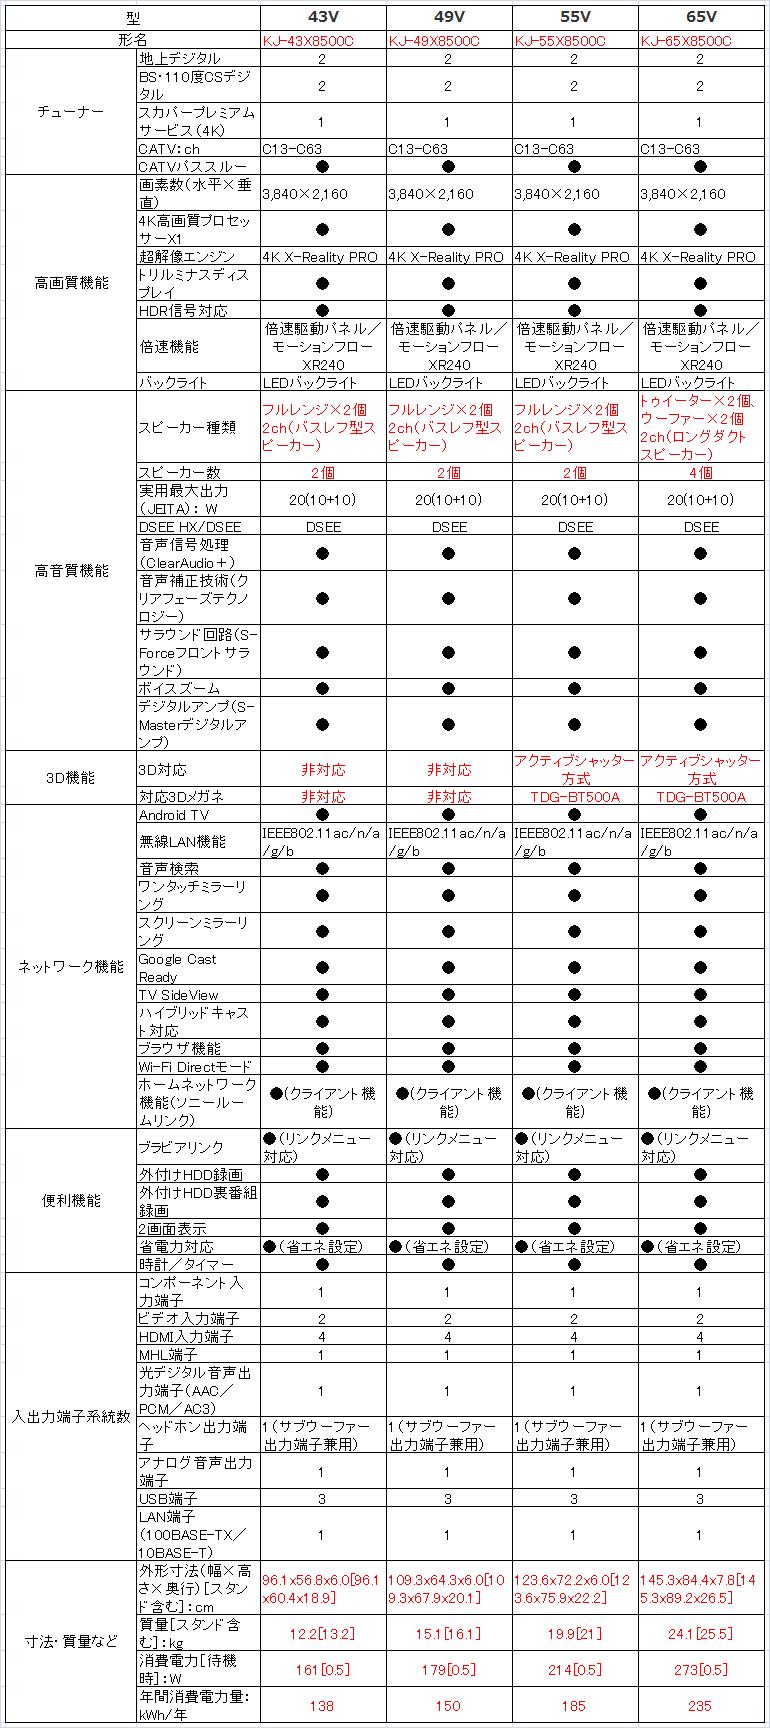 ソニー SONY ブラビア BRAVIA KJ-43X8500C KJ-49X8500C KJ-55X8500C KJ-65X8500C_比較表